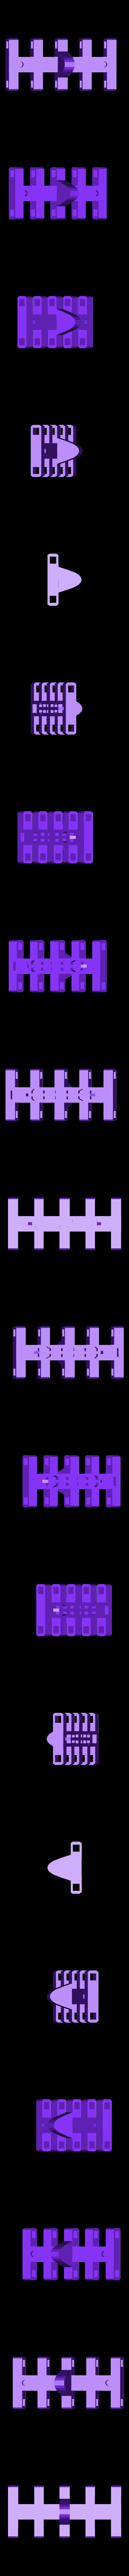 T-34-76 - track_2_NARROW.stl Télécharger fichier STL T-34/76 pour l'assemblage, avec voies mobiles • Objet pour imprimante 3D, c47